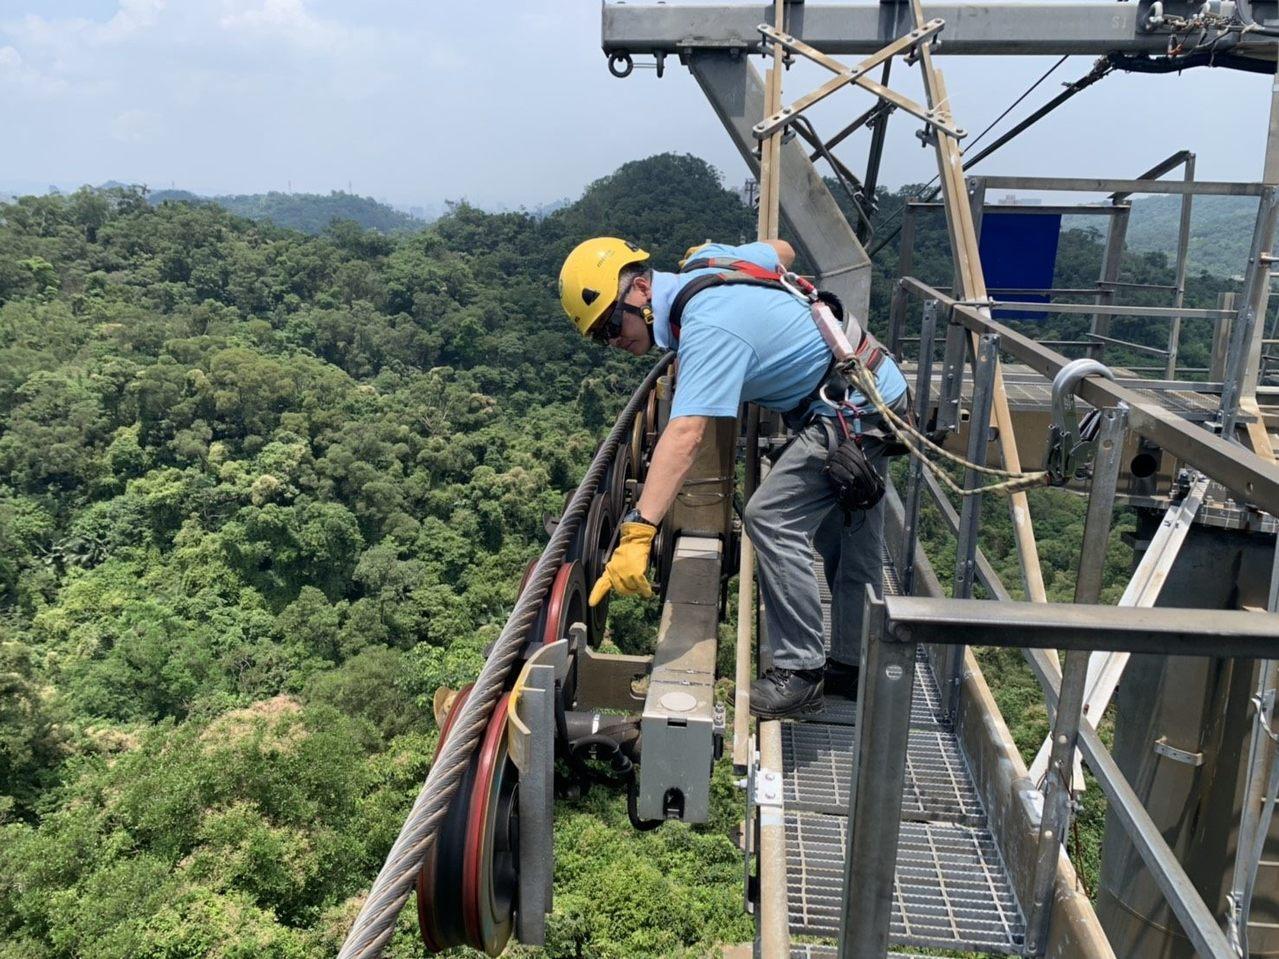 端午節連續假期即將登場,台北捷運公司今天表示,貓空纜車年度大修順利完成,將於明天...